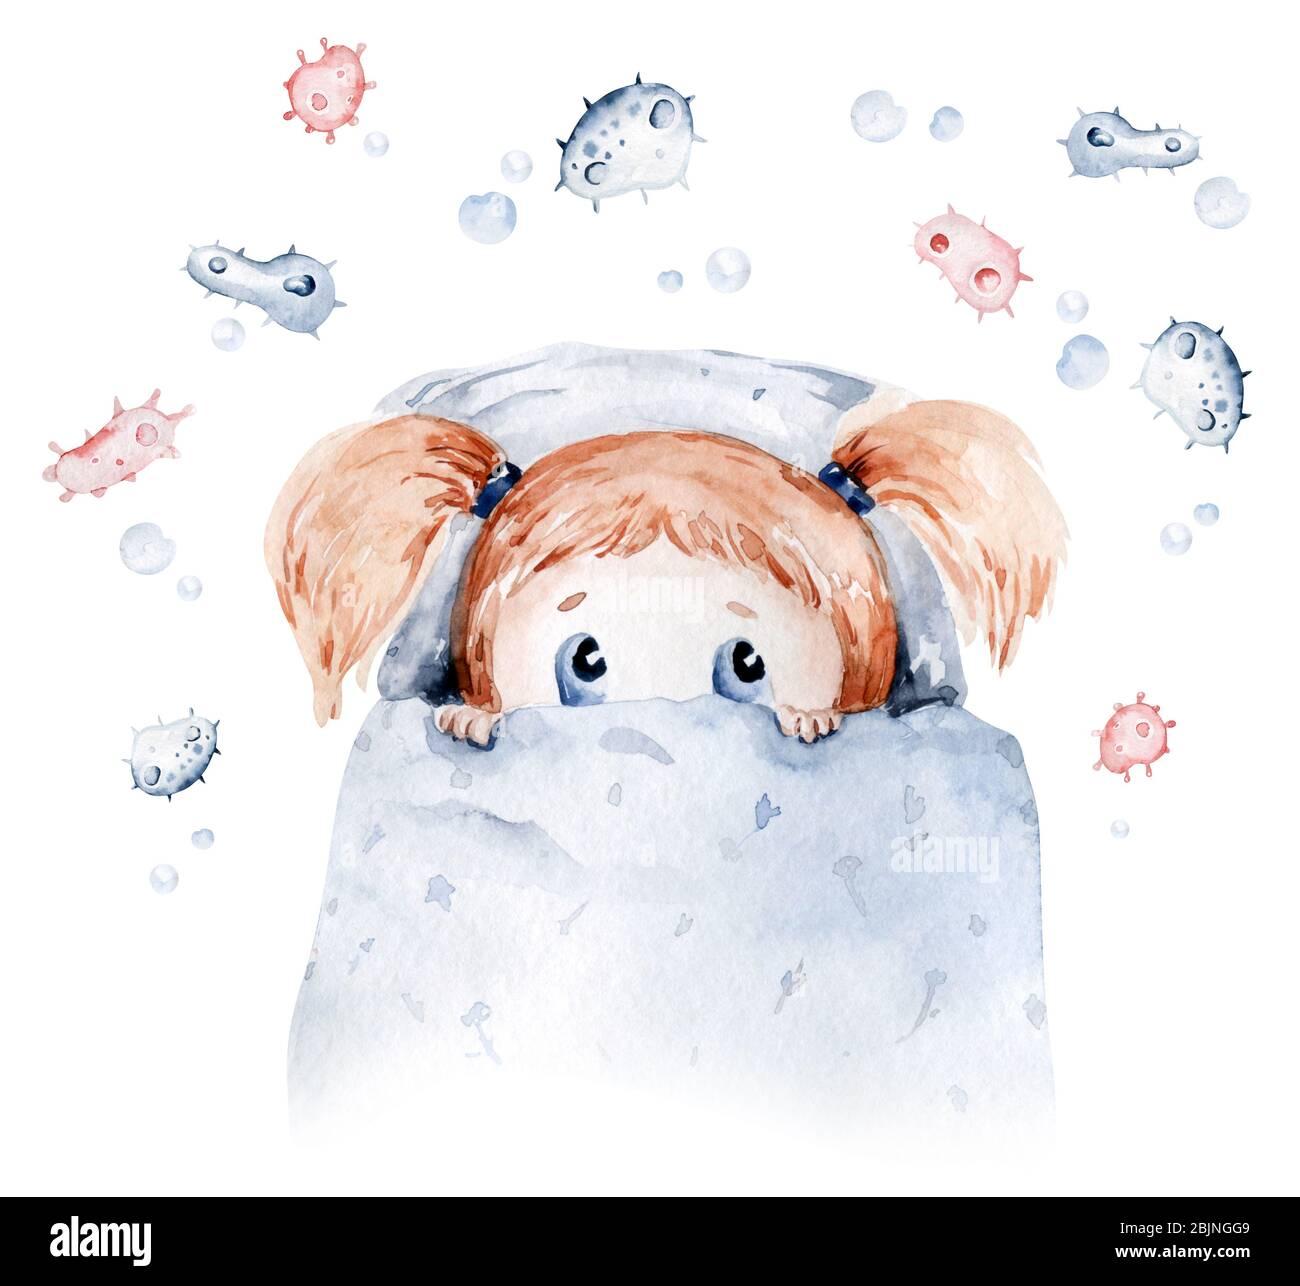 Nette Karikatur Tierarzt, Pillen, Krankenwagen, Maske, Bakterien, Viren, Coronavirus. Aquarell Hand gezeichnet junge und Mädchen Arzt gesetzt. Stockfoto